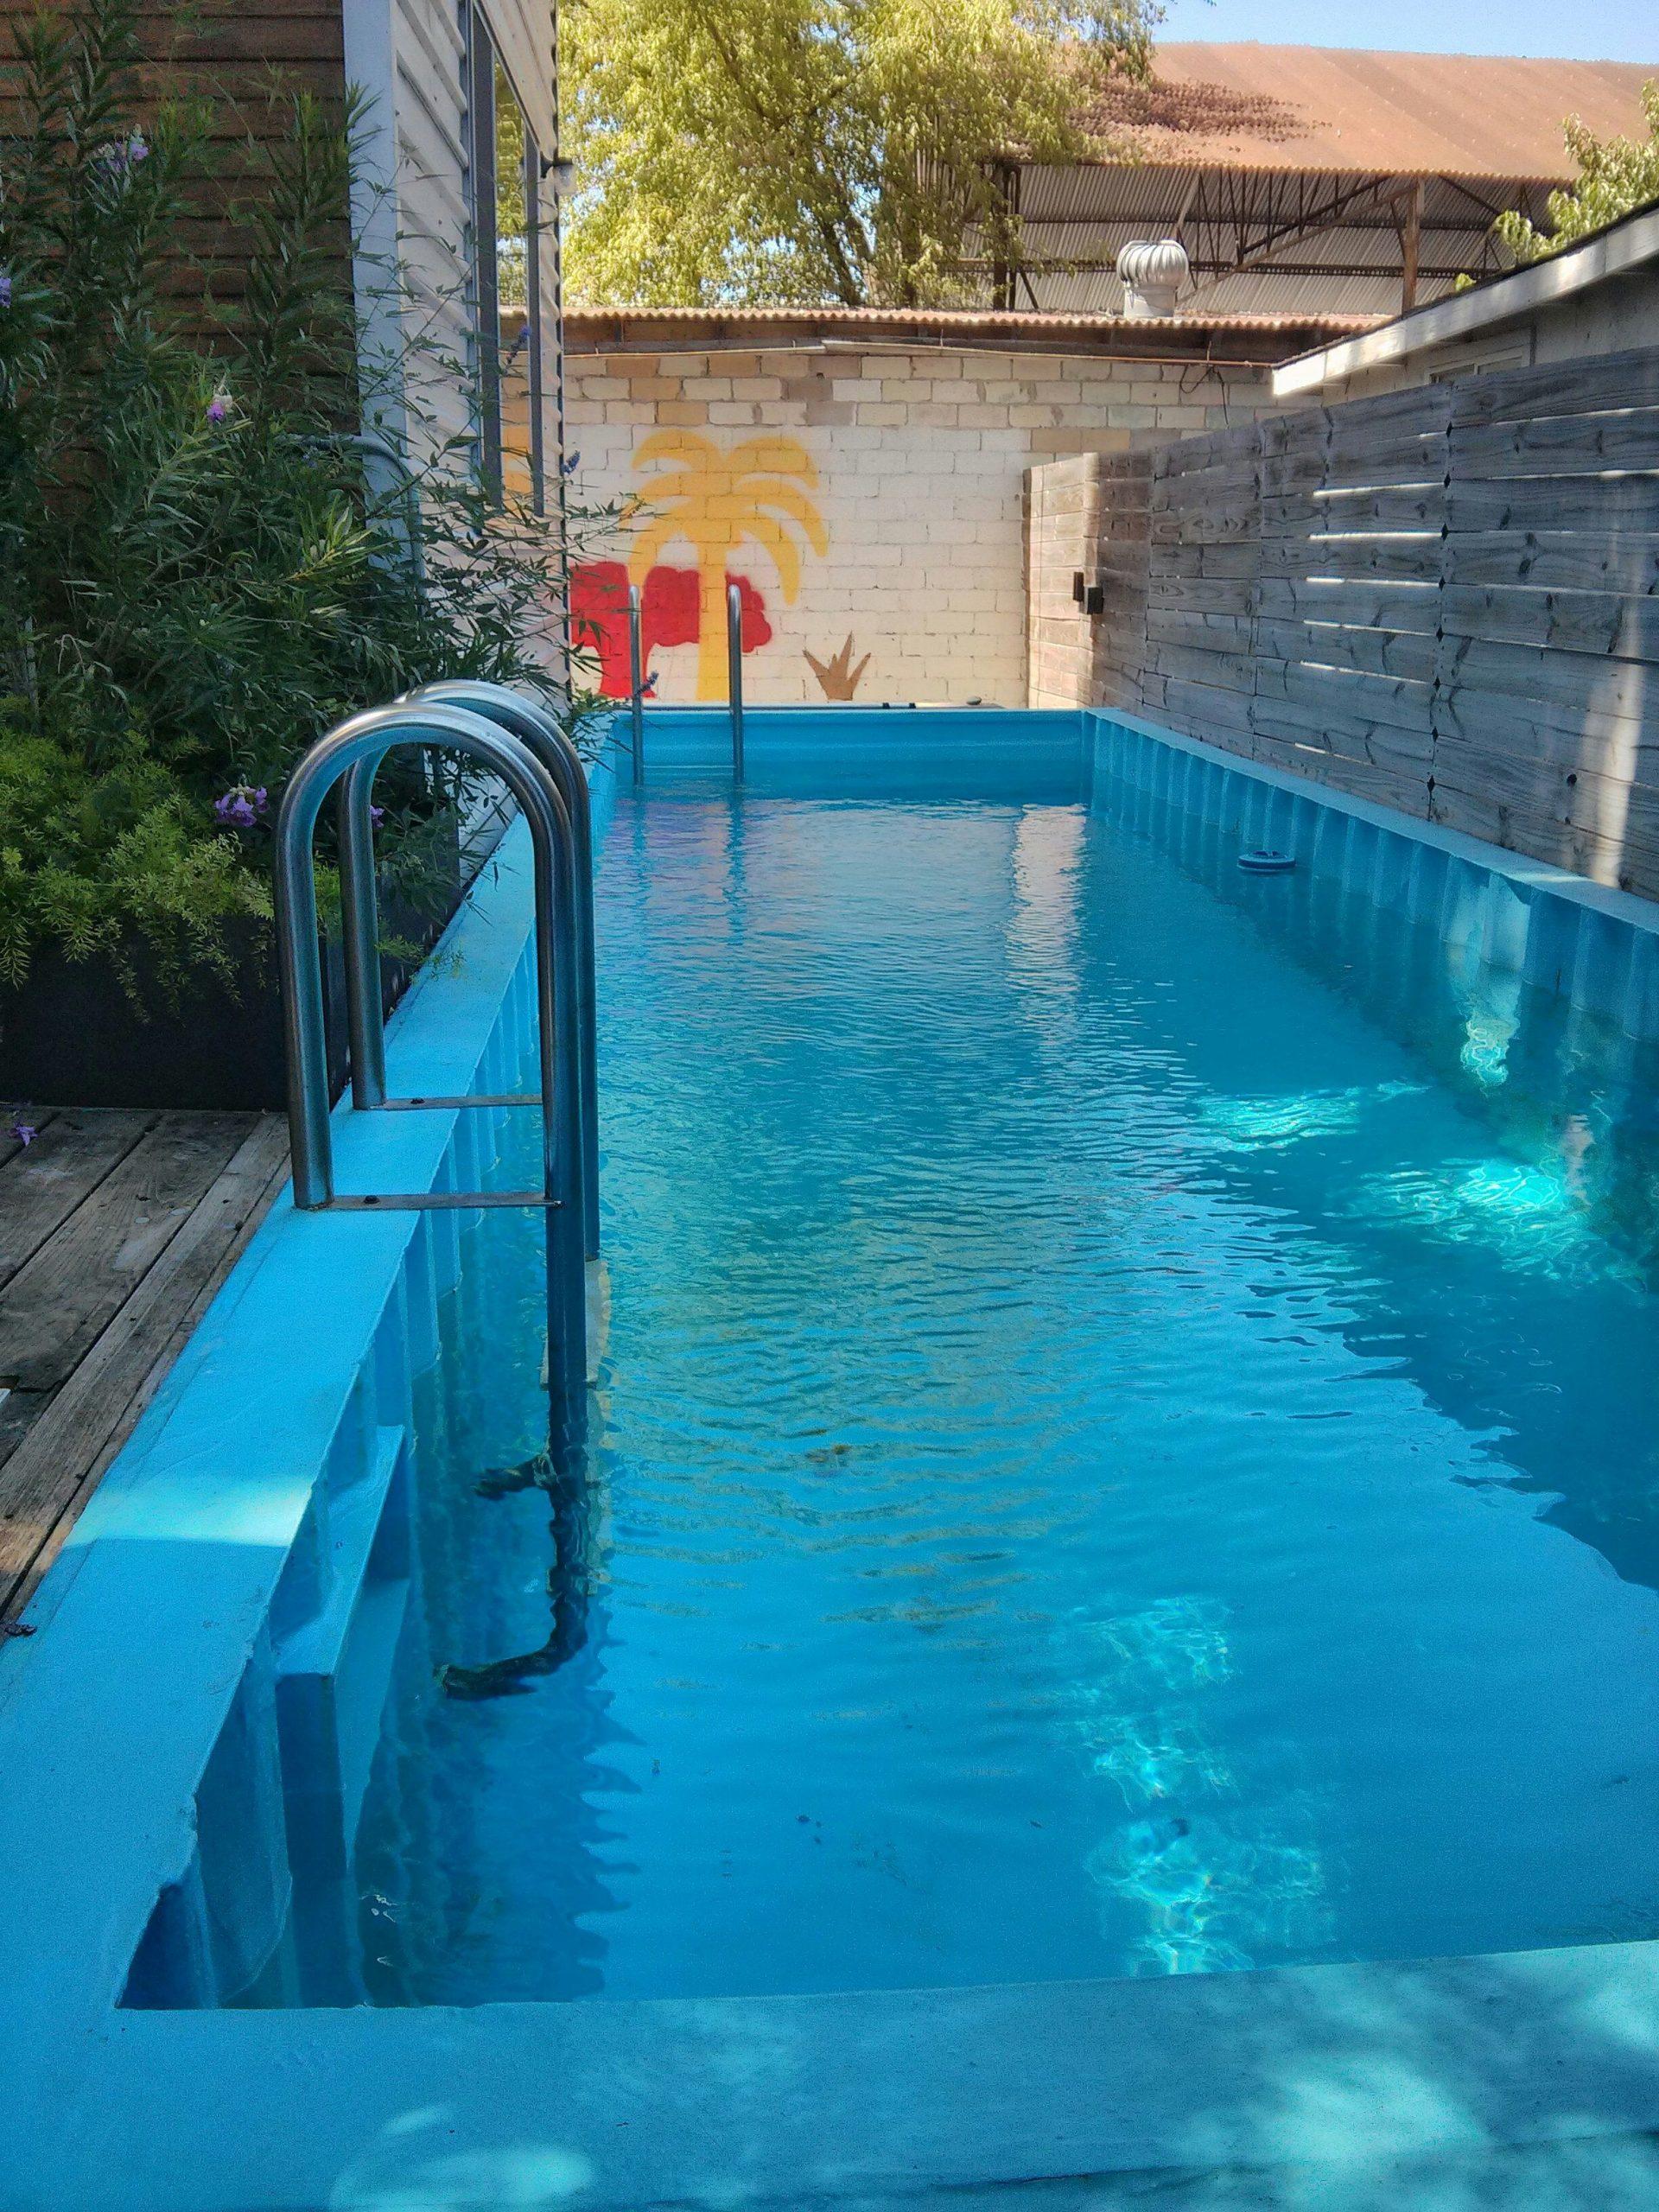 Résultats De Recherche D'images Pour « Container As Pool ... destiné Matelas Gonflable Piscine Gifi